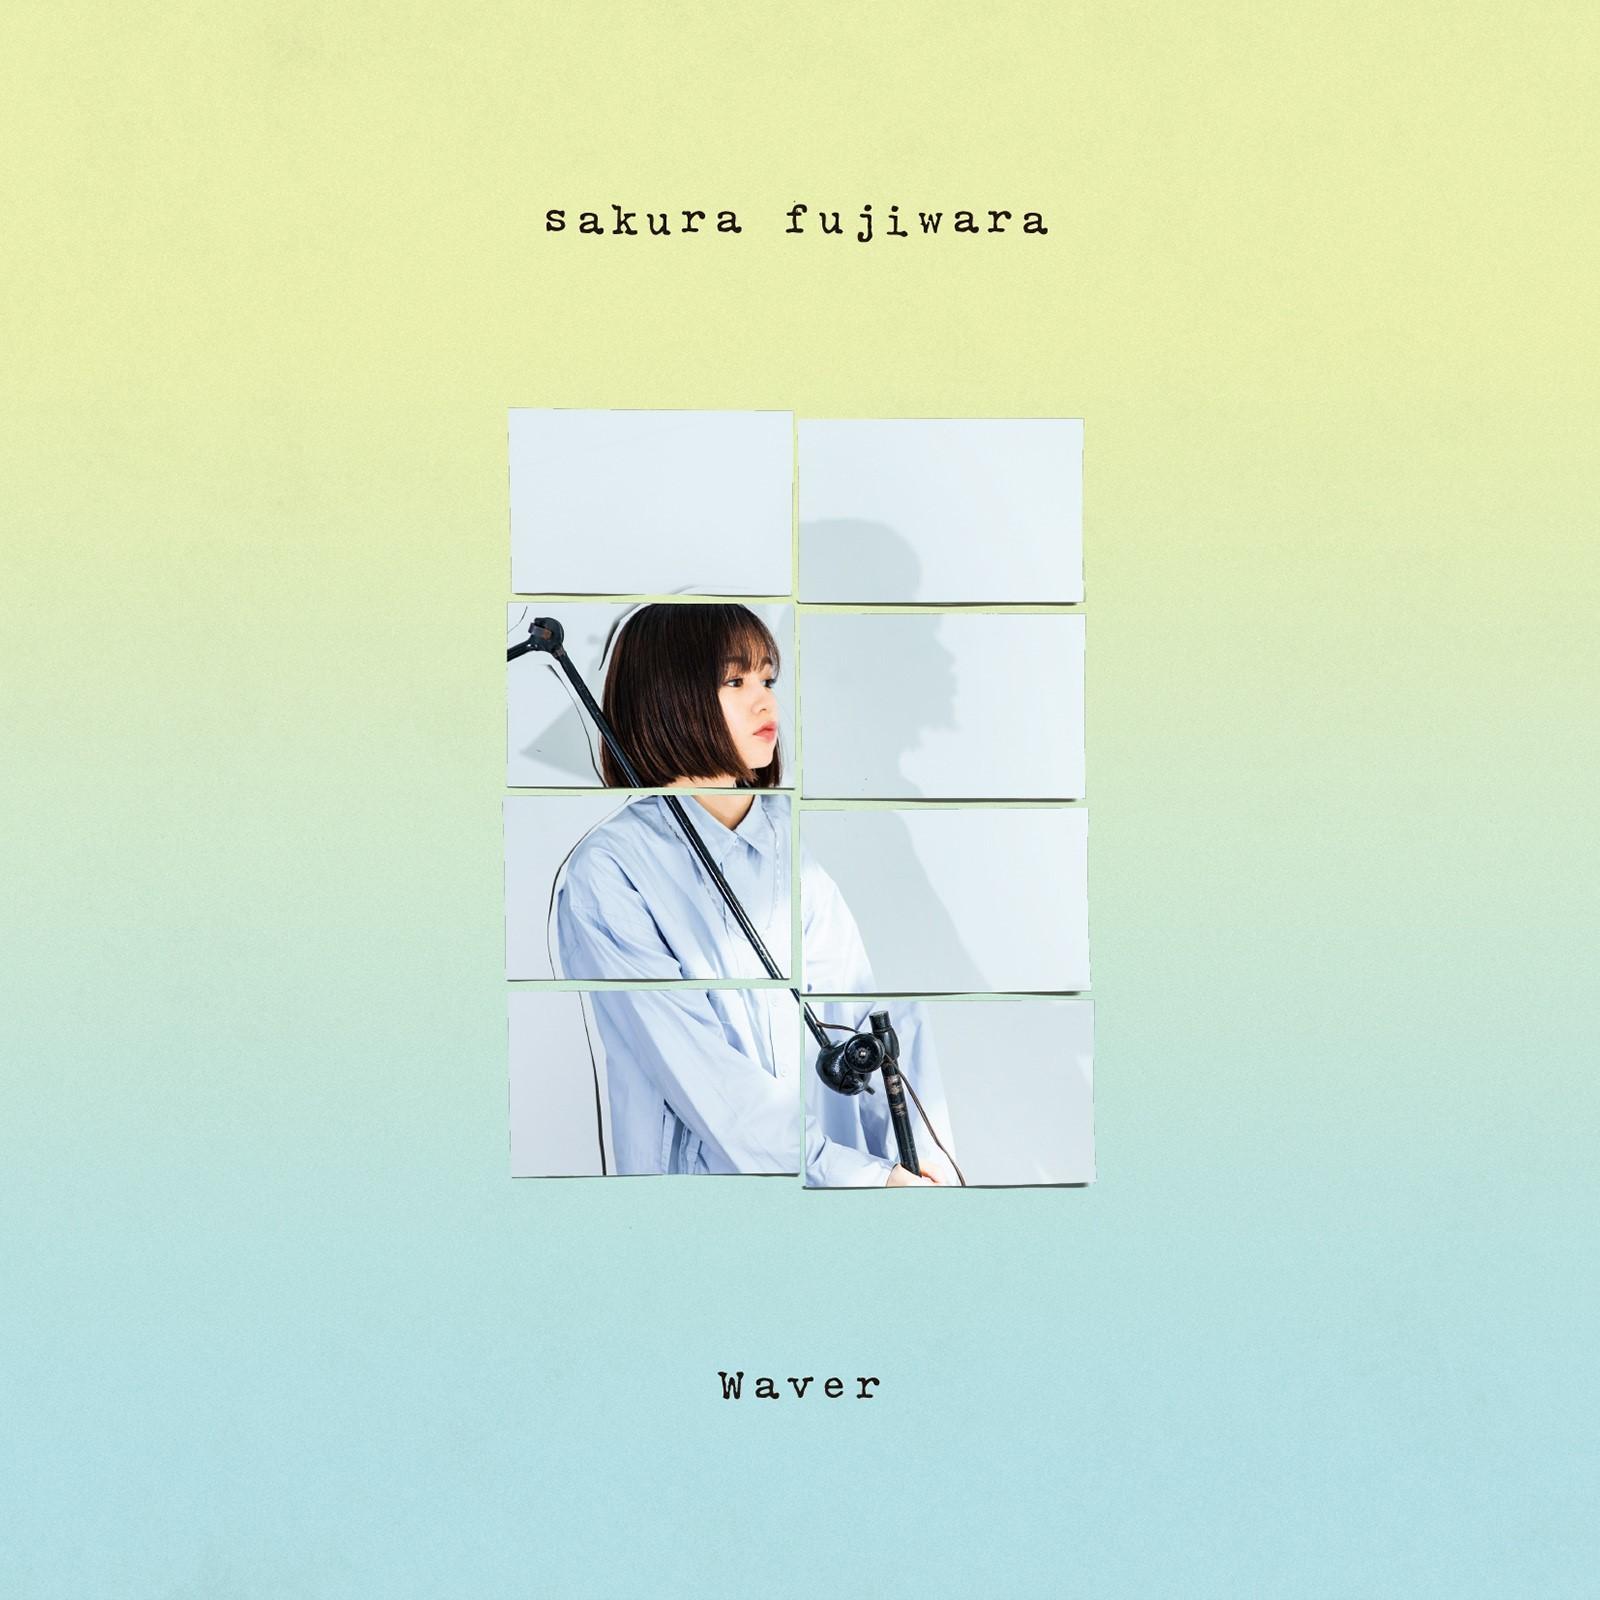 デジタルシングル「Waver」ジャケット